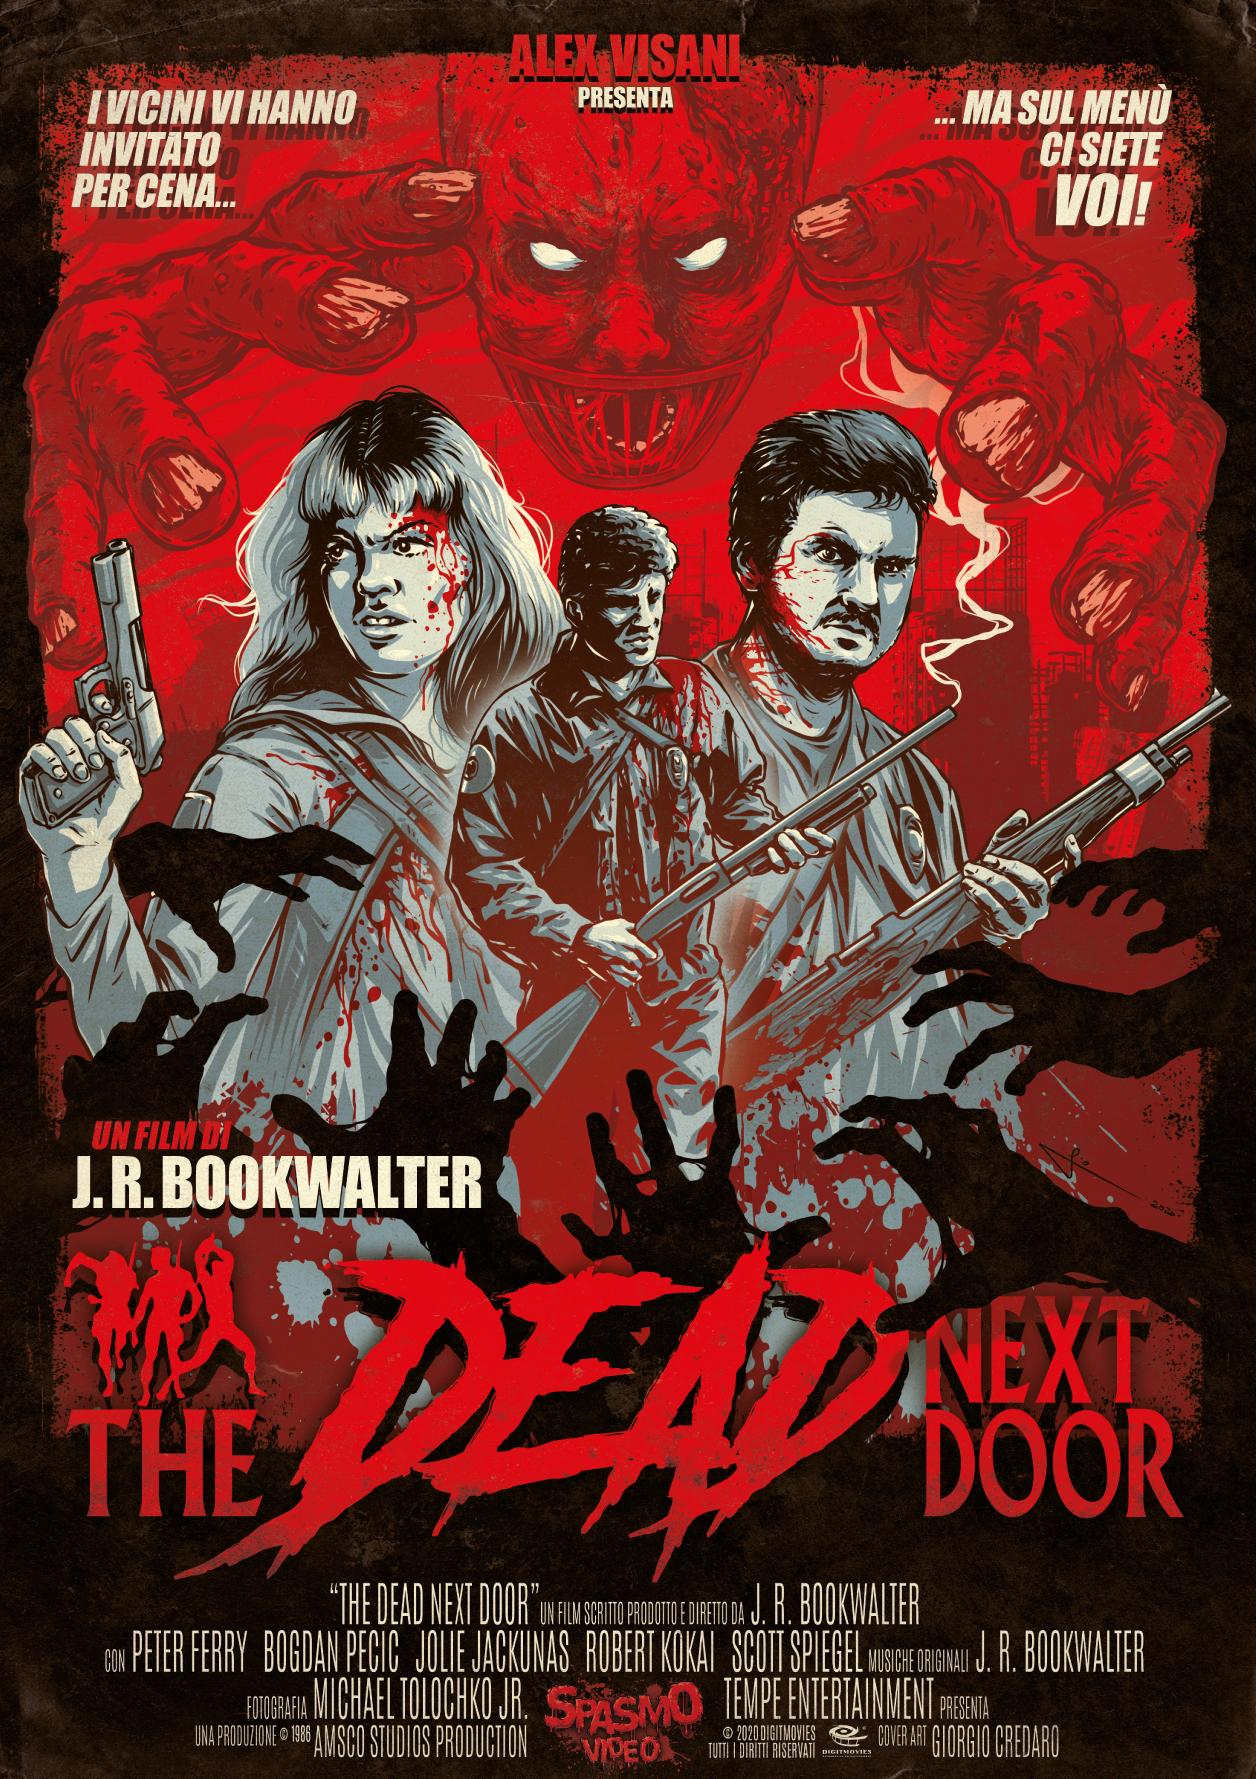 THE DEAD NEXT DOOR (DVD)